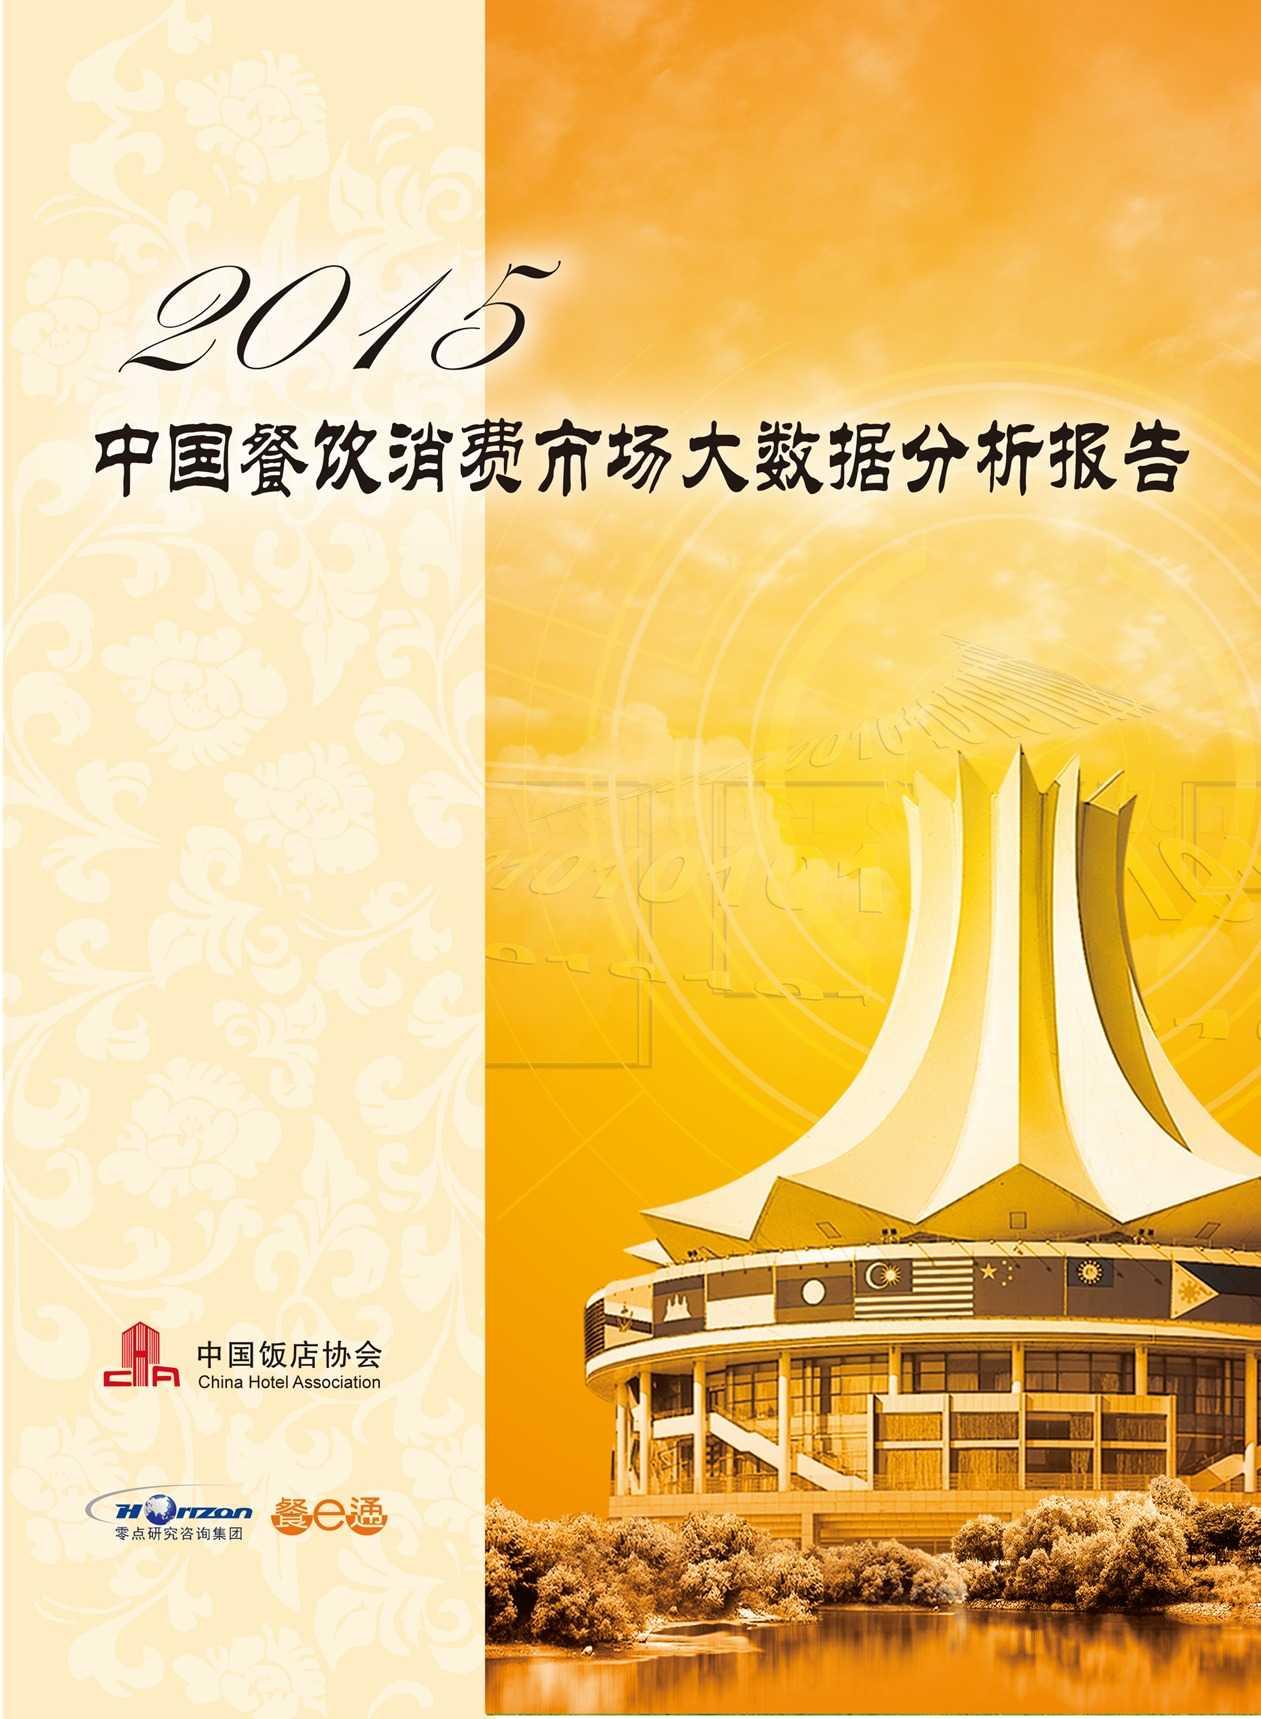 2015中国餐饮消费需求大数据分析报告_000001